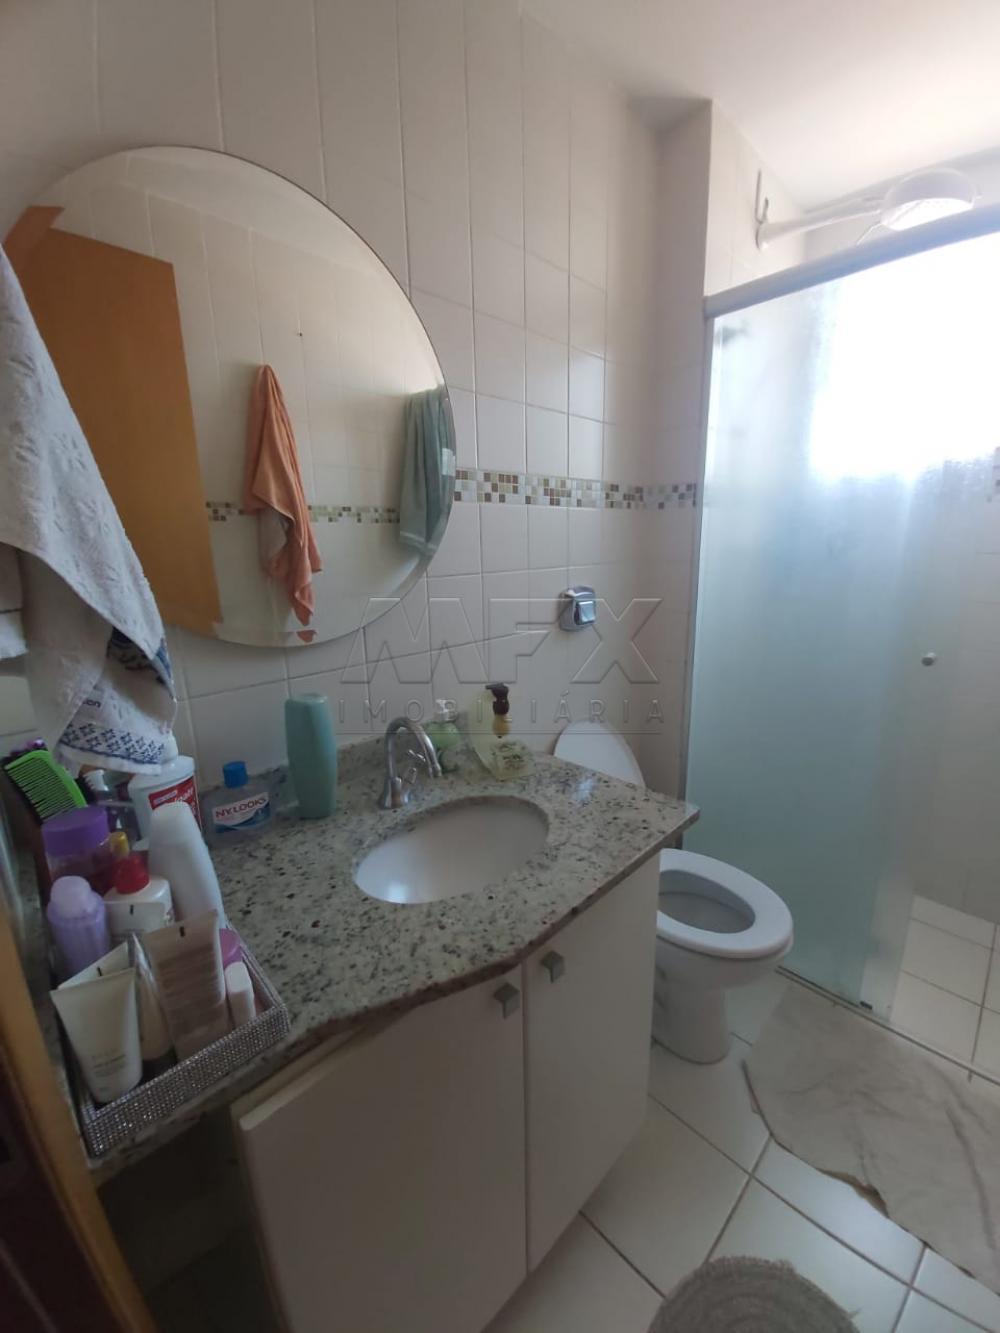 Comprar Apartamento / Padrão em Bauru apenas R$ 240.000,00 - Foto 4